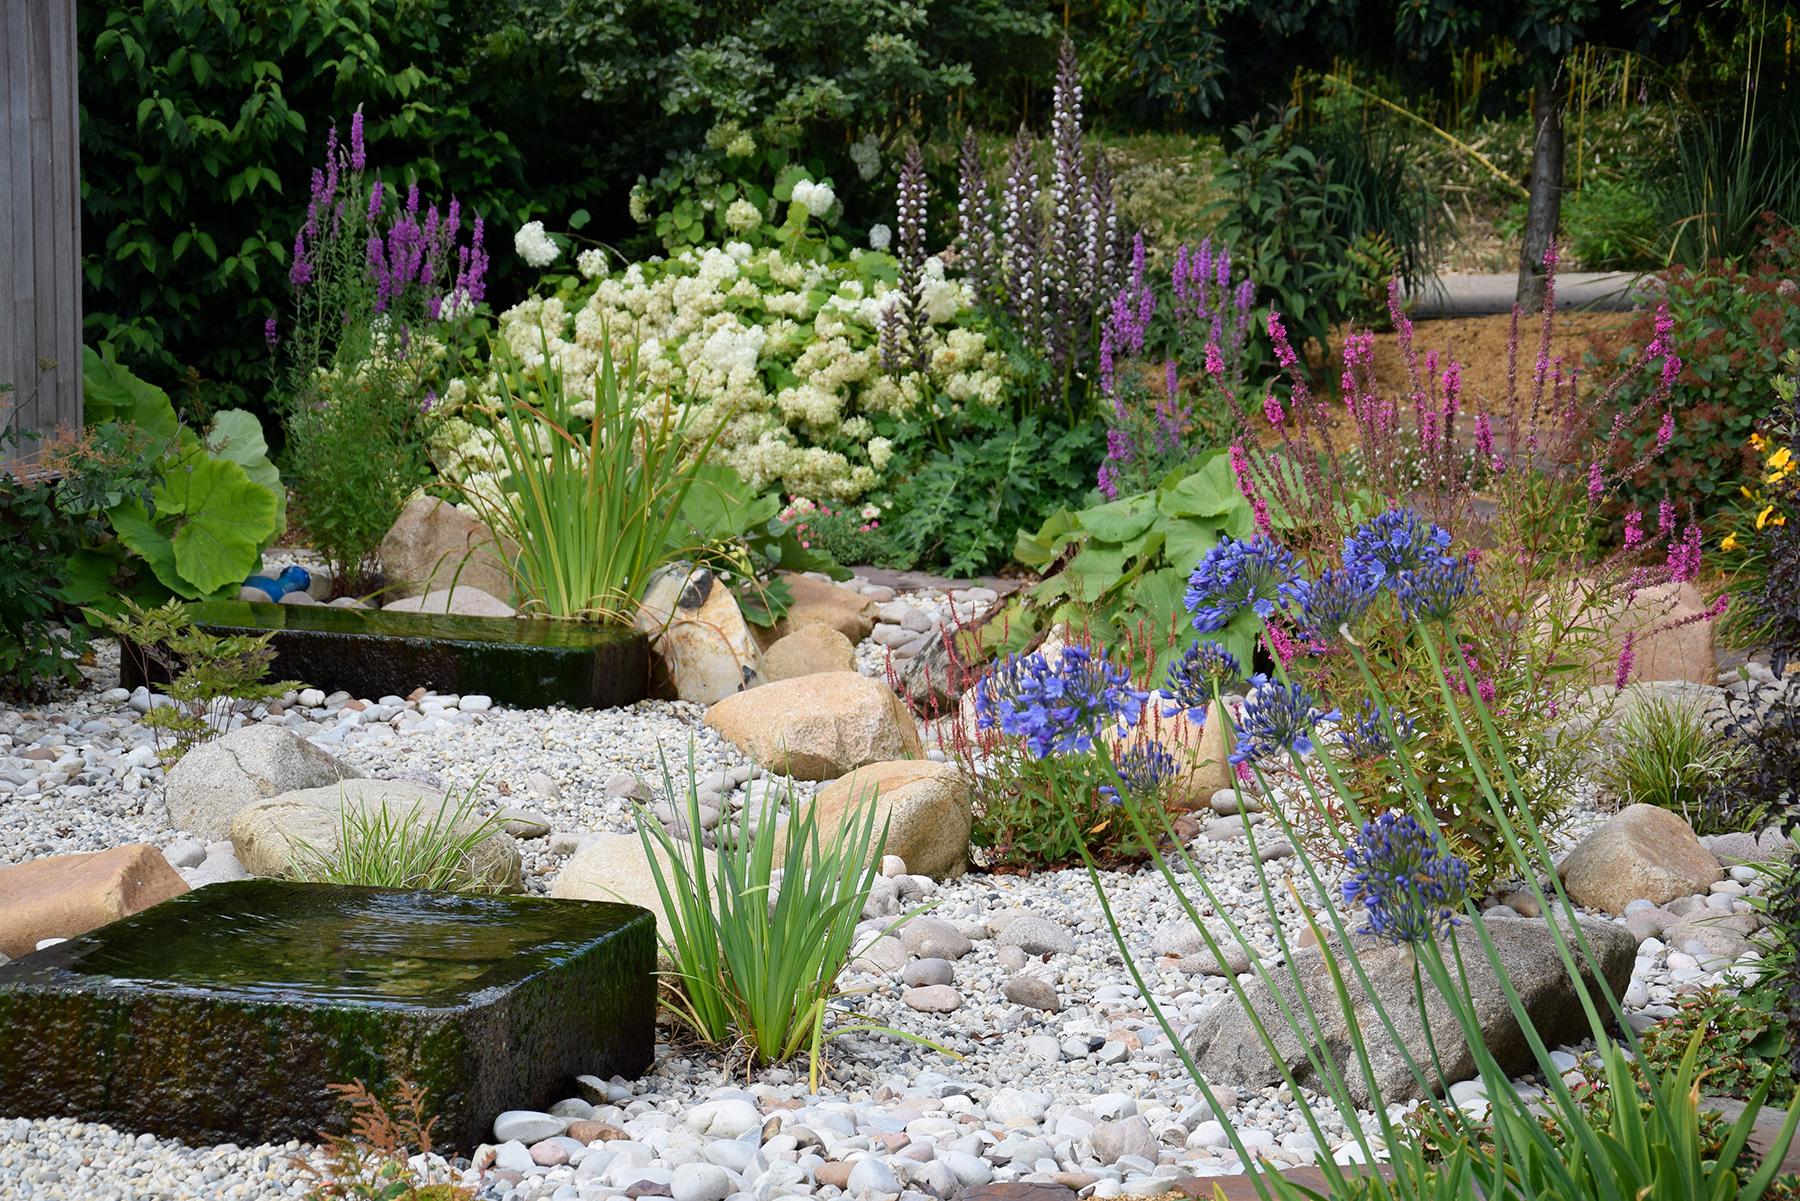 Fontaine de jardin - Fontaine extérieur | Paysages Conseil